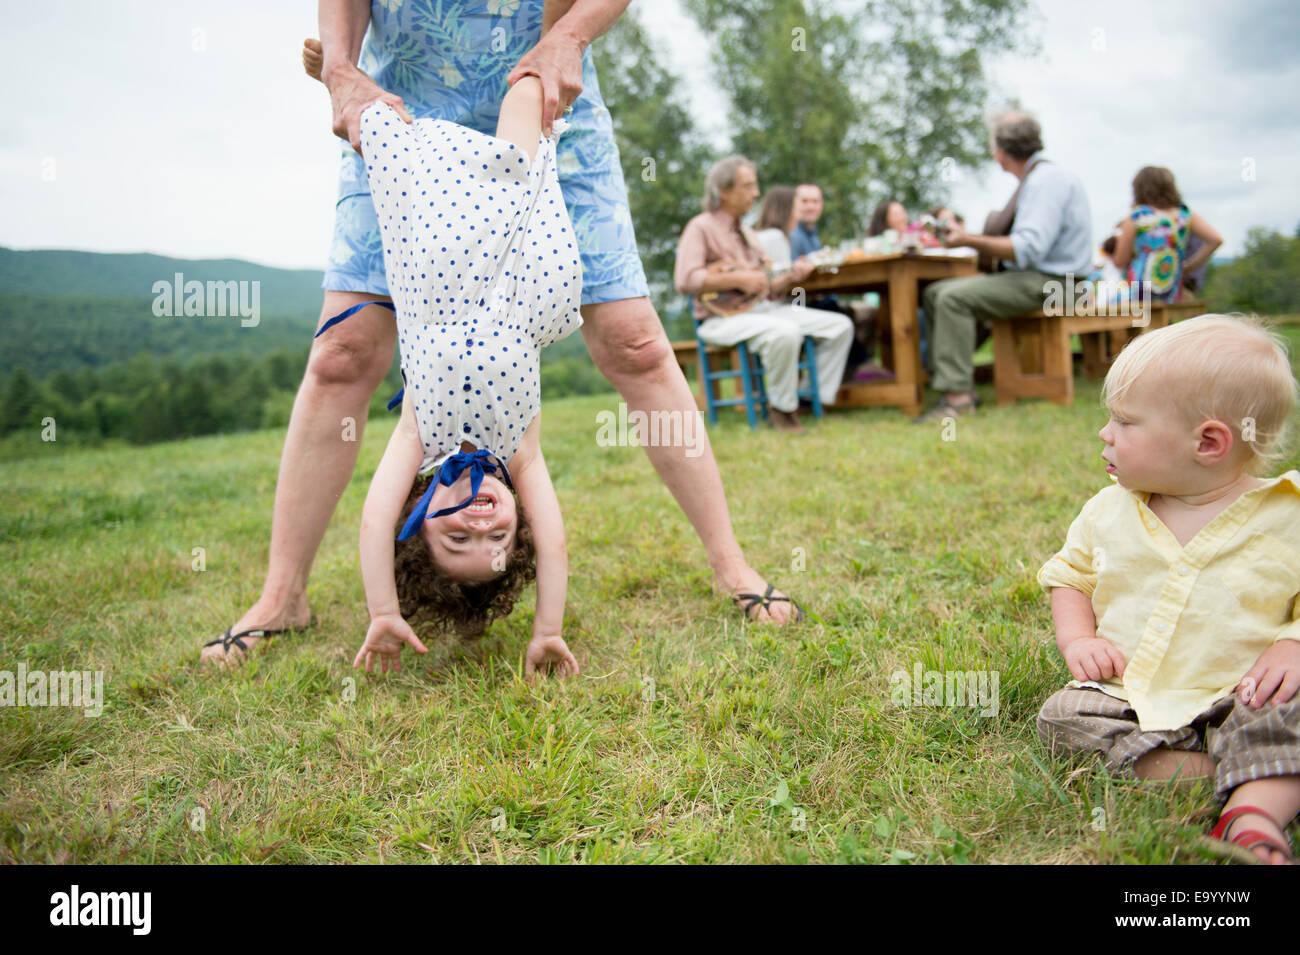 Les femmes de la famille de façon ludique les tout-petits par les jambes à la réunion de famille, à l'extérieur Banque D'Images